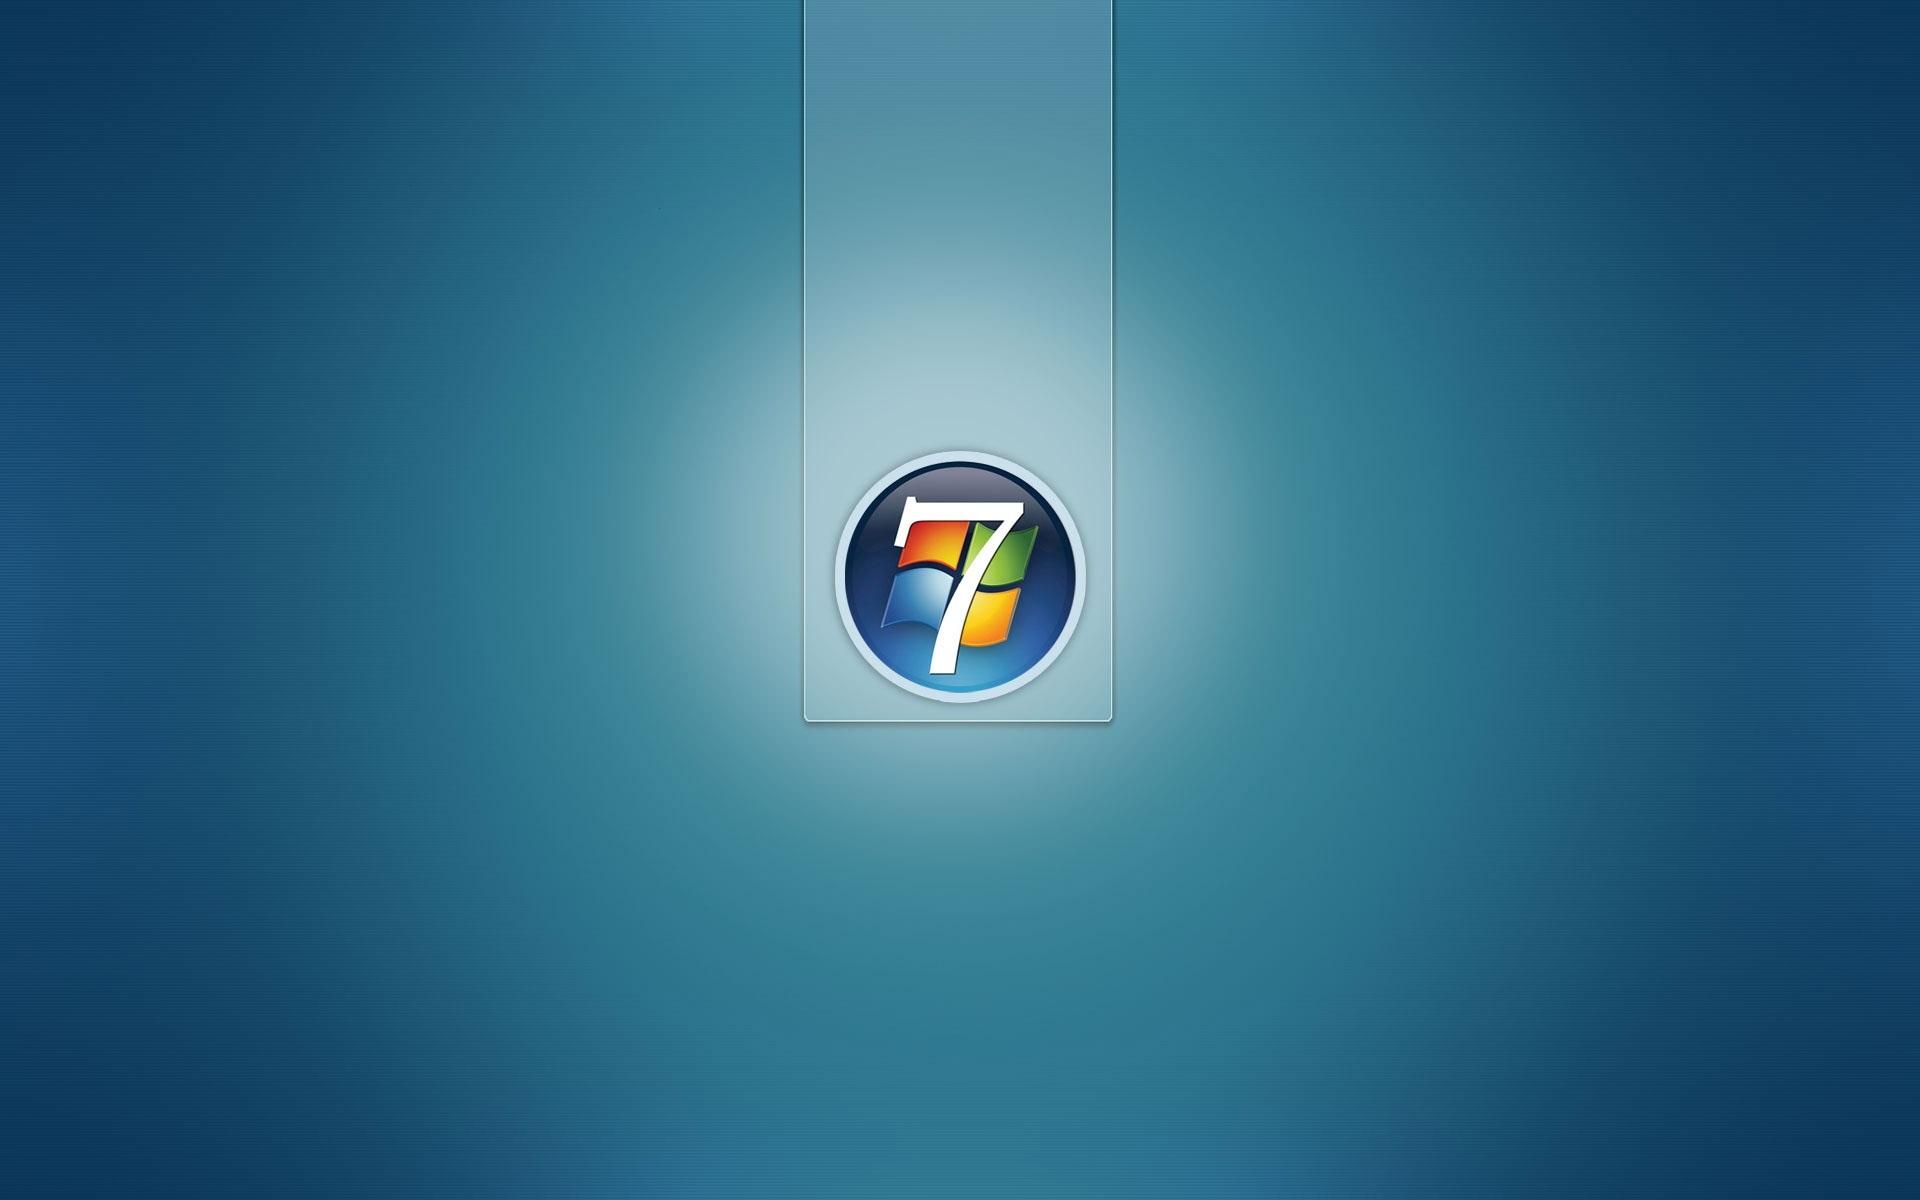 widescreen windows 7 wallpaper - hd wallpapers